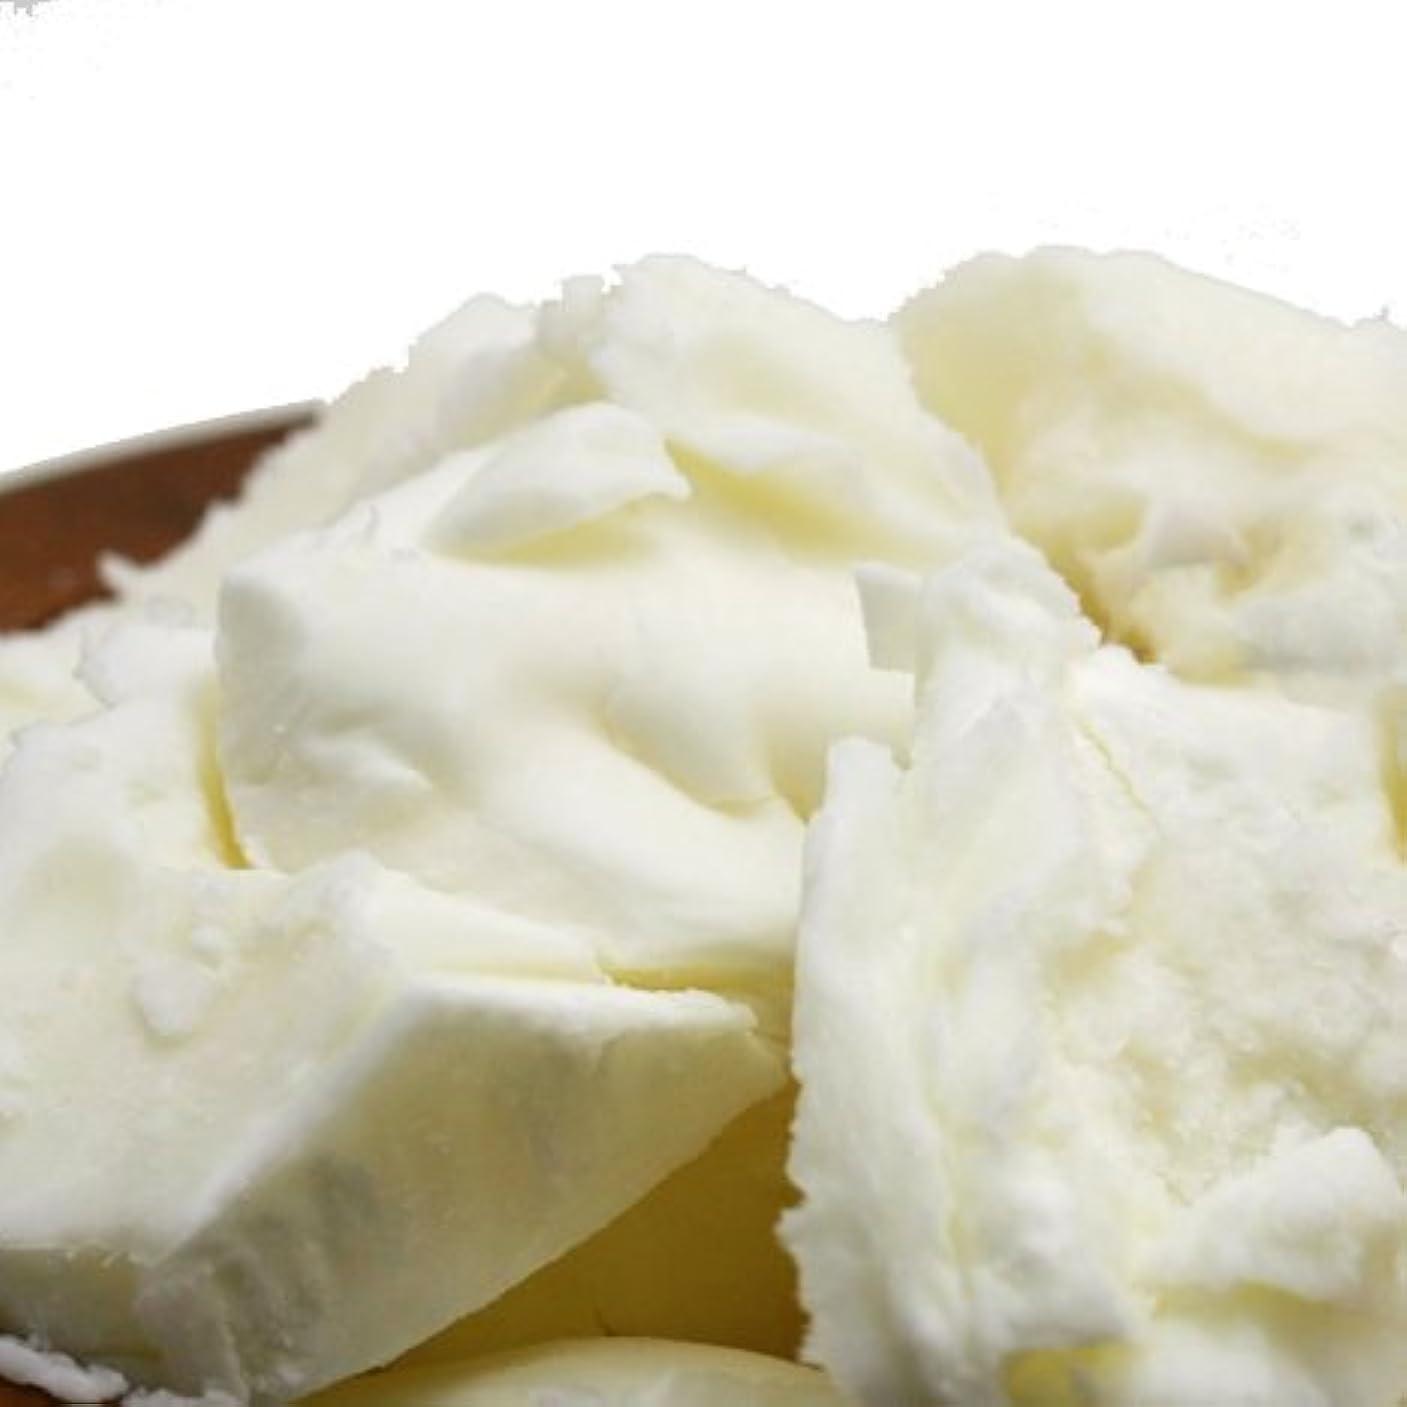 帝国主義サロン征服する精製シアバター 50g シア脂 【手作り石鹸/手作りコスメ/手作り化粧品】